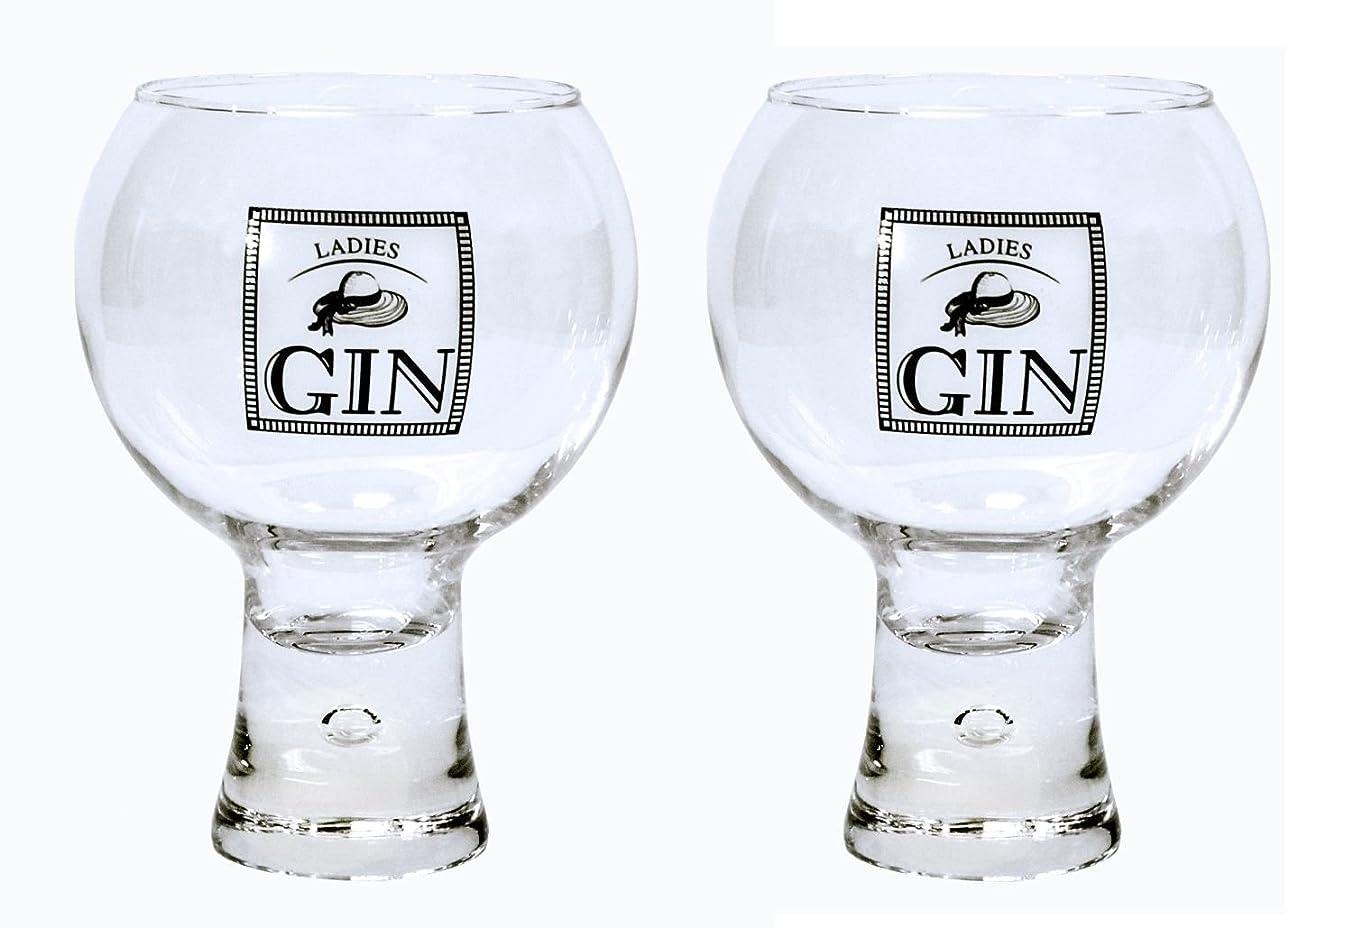 浸す科学者マオリDurobor Alternato Bubble Base Set of 2 Ladies Gin Glasses Glass 540ml